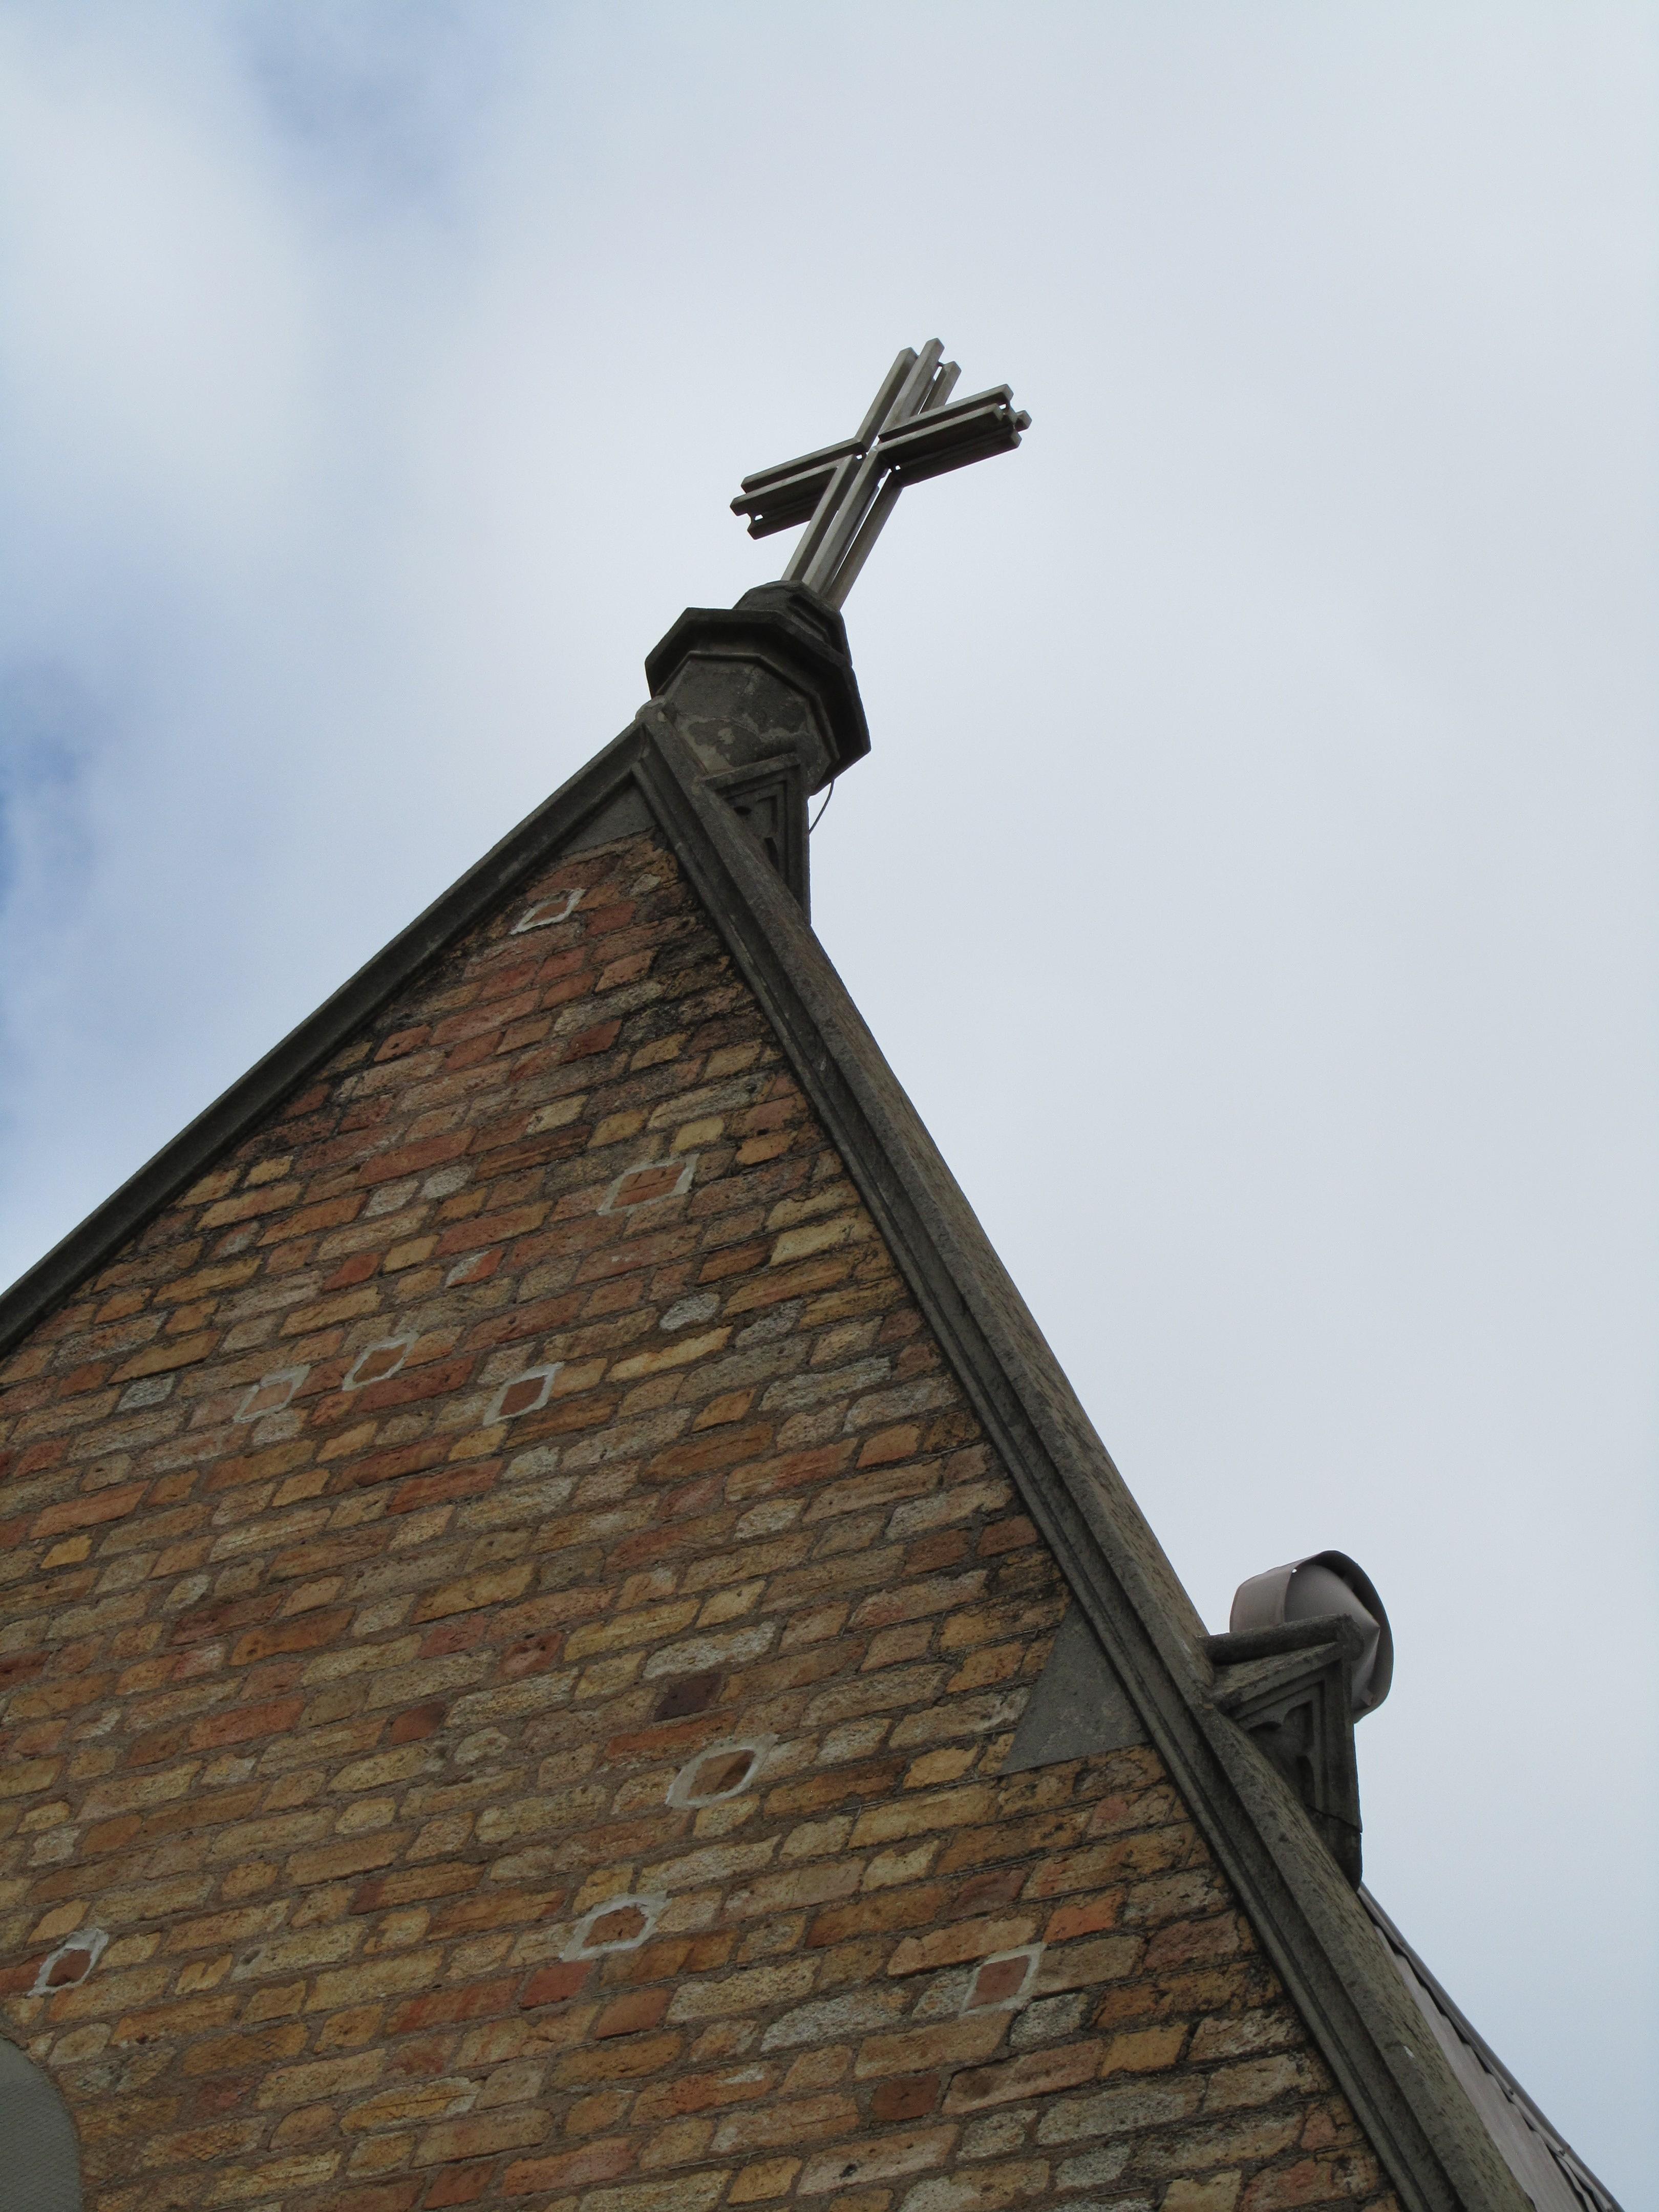 church front gable parapet detail